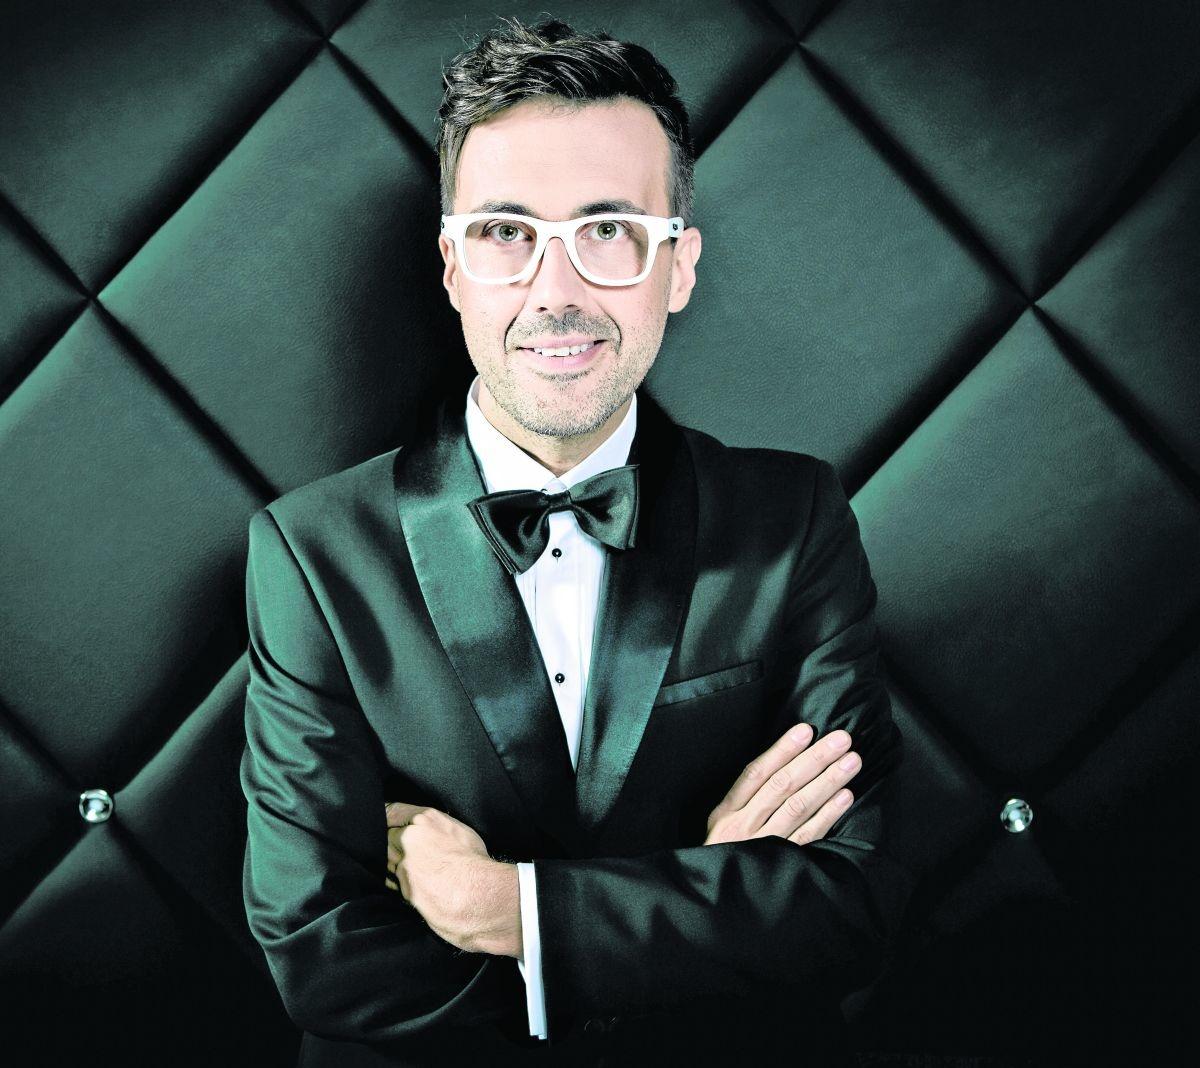 Teraz mogę się pokazać nie tylko jako didżej i producent muzyki, ale i jej znawca - mówi pochodzący z Opola DJ Adamus.